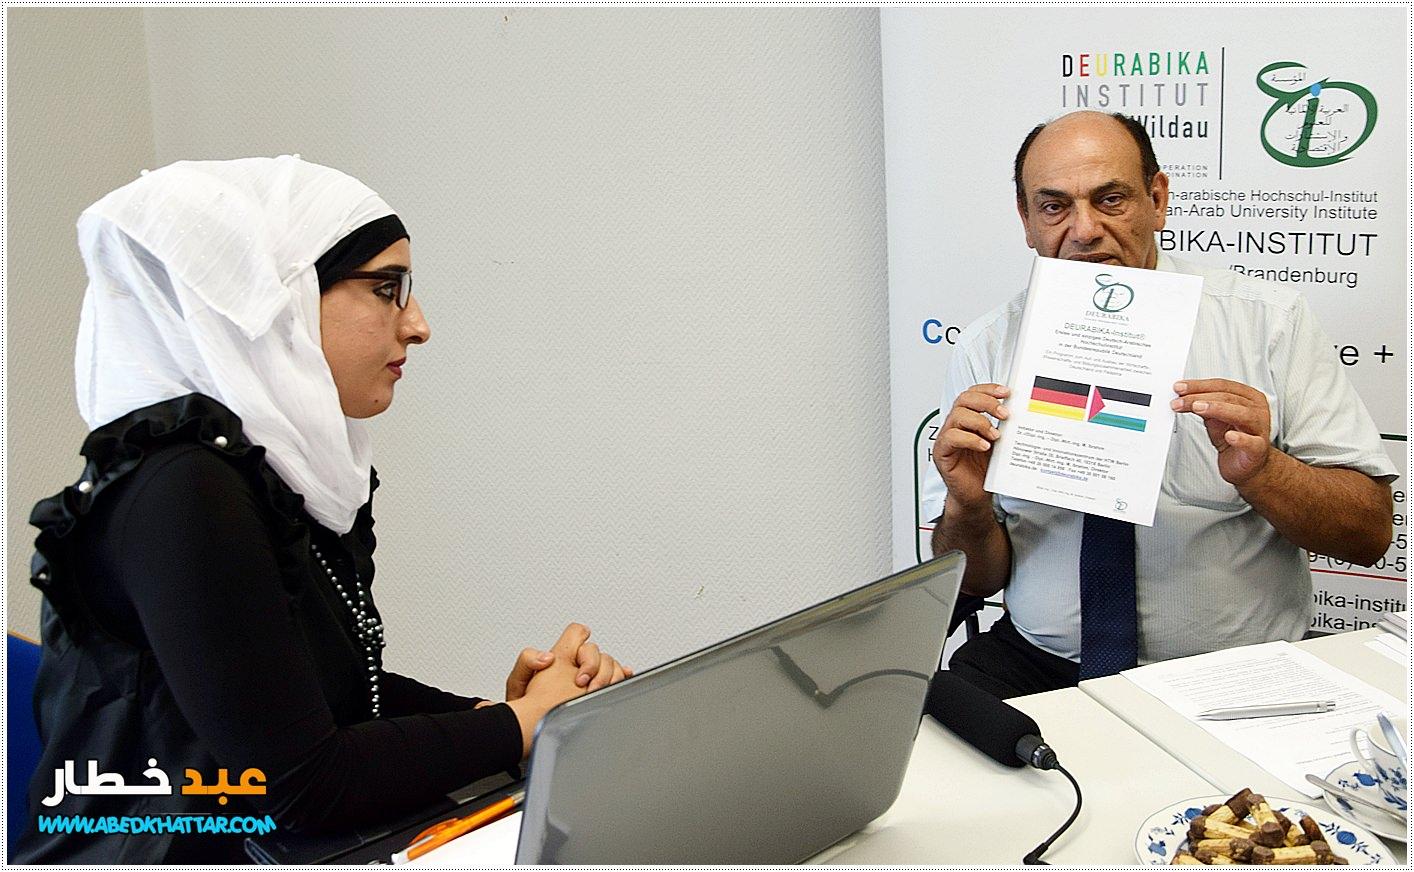 برنامج بانوراما برلين مع ضيفنا عميد معهد العلوم والاستشارات الاقتصادية العربية الالمانية المهندس محمود ابراهيم - ابو العز